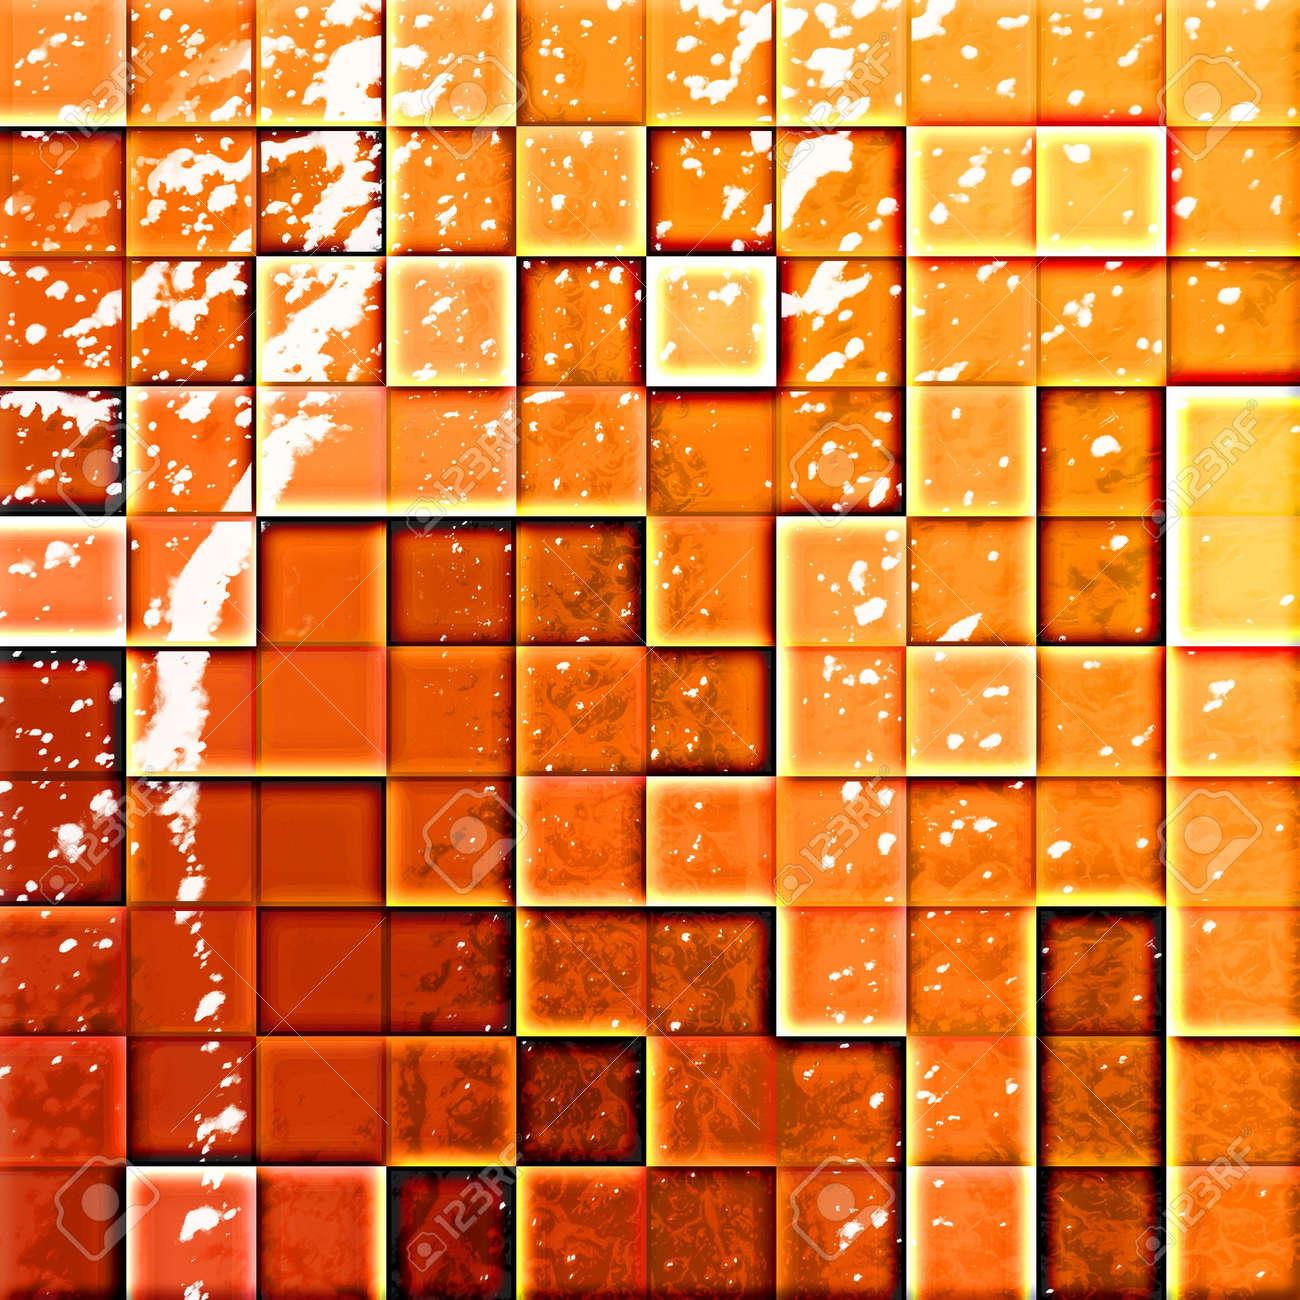 Badezimmer fliesen mosaik bunt  Bunten Mosaik-Fliesen Im Modernen Badezimmer Orange Und Rot ...